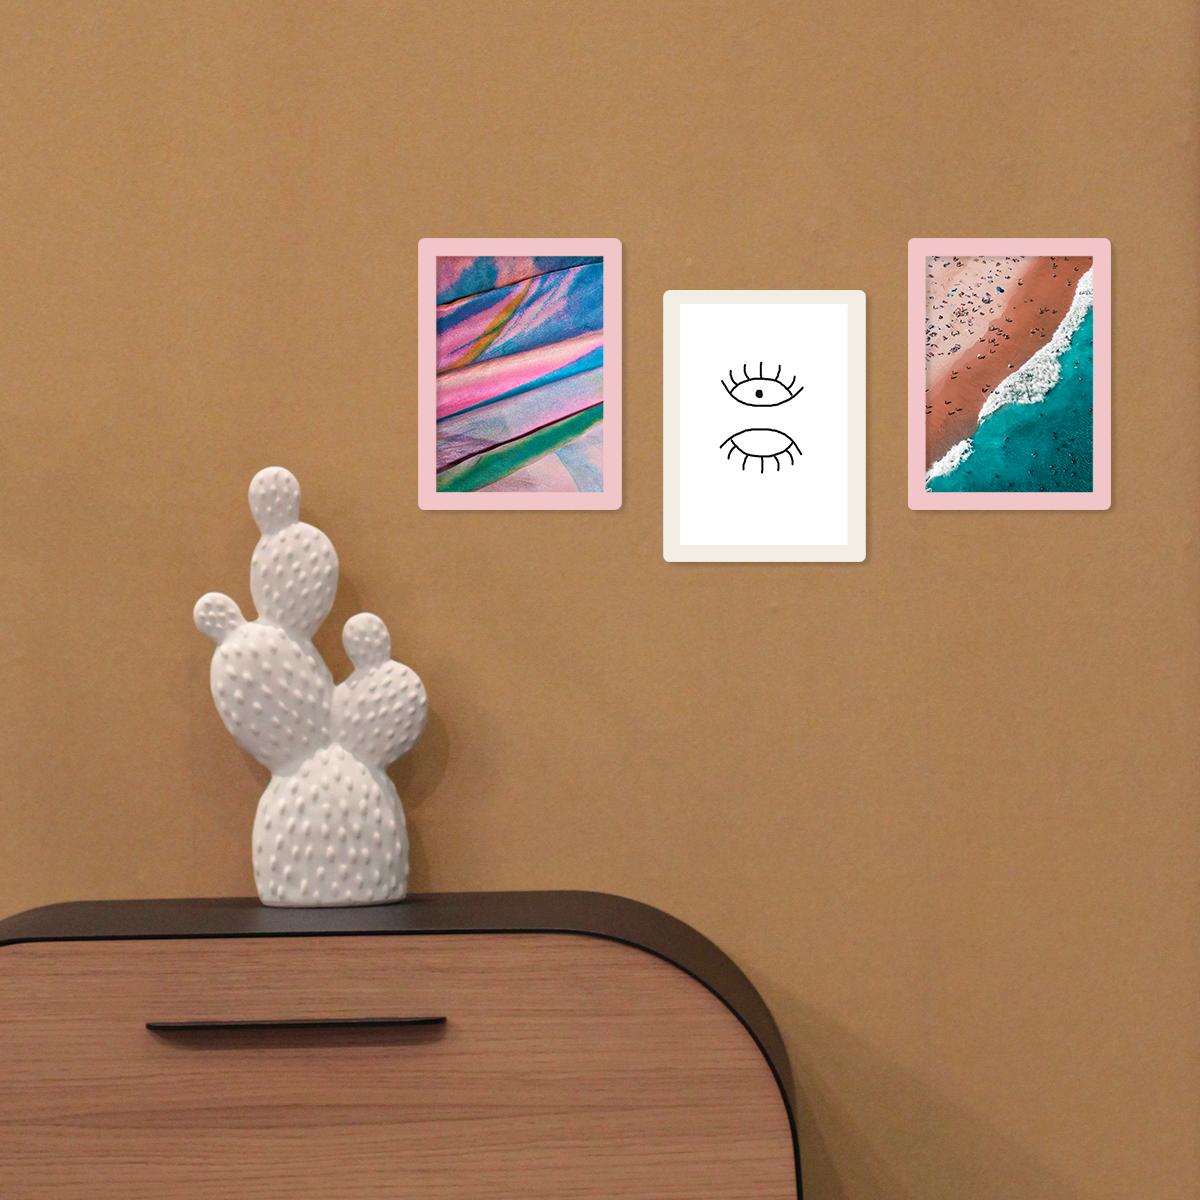 composition-murale-cadres-photos-slimpyx